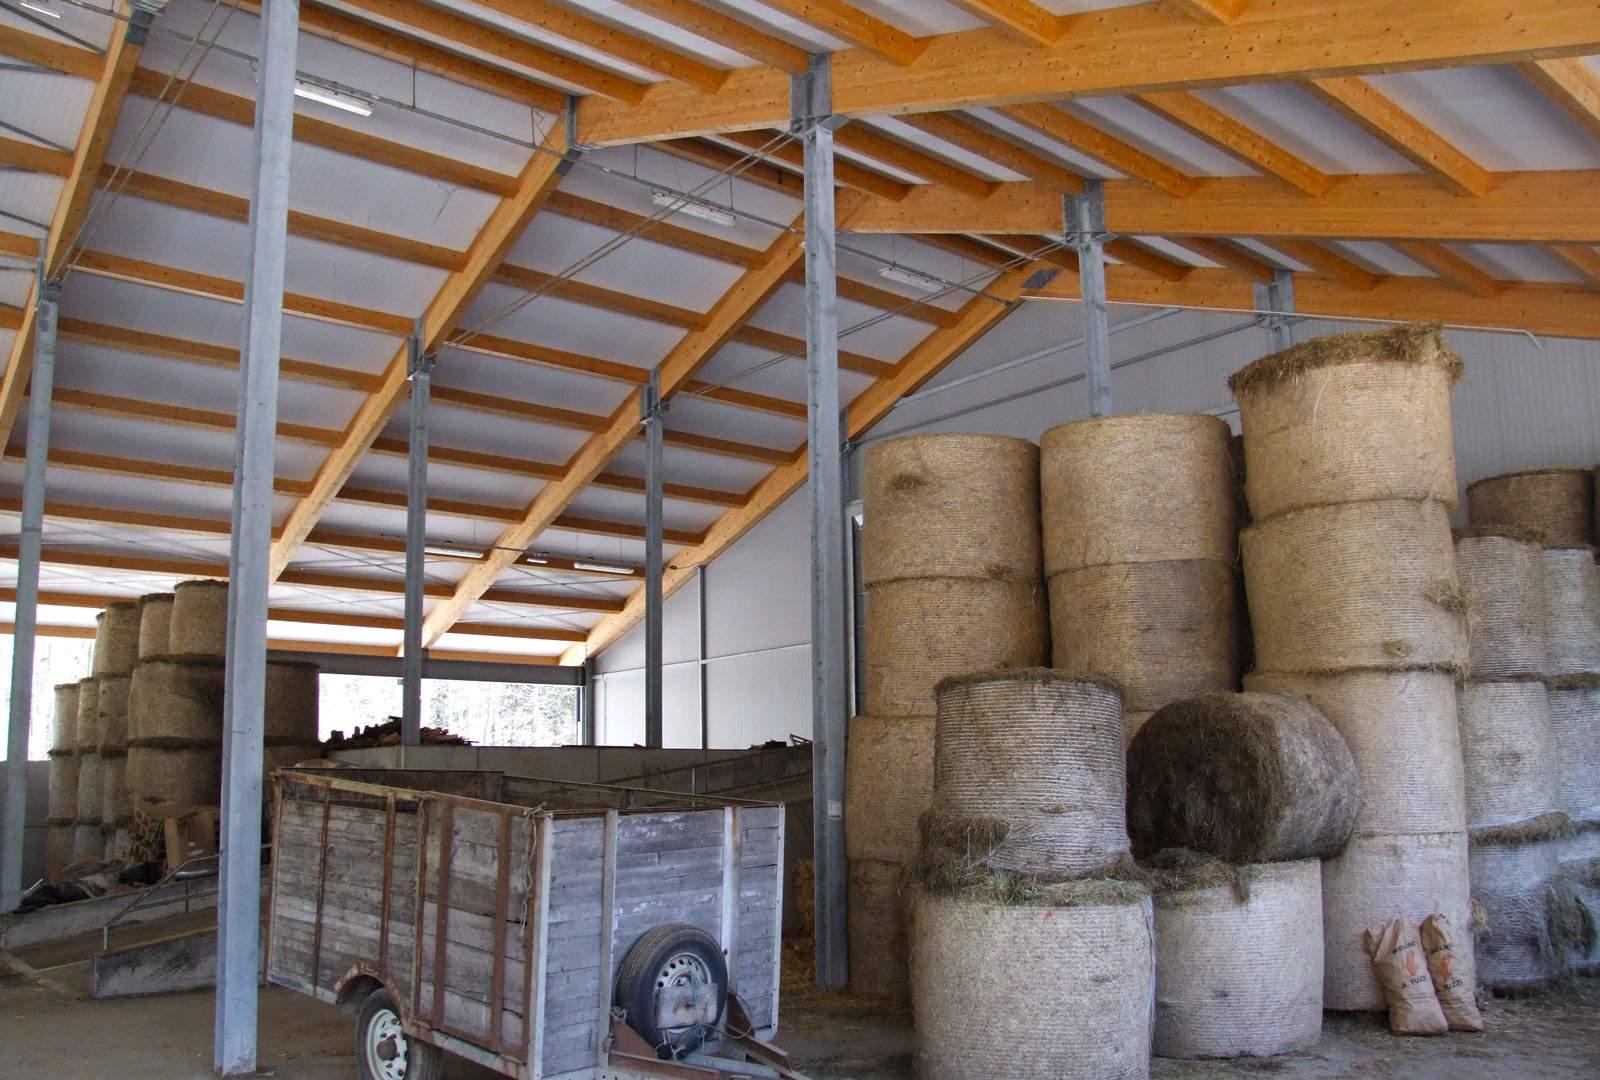 Capannoni-prefabbricati-in-legno-lamellare-11  Miglioranza